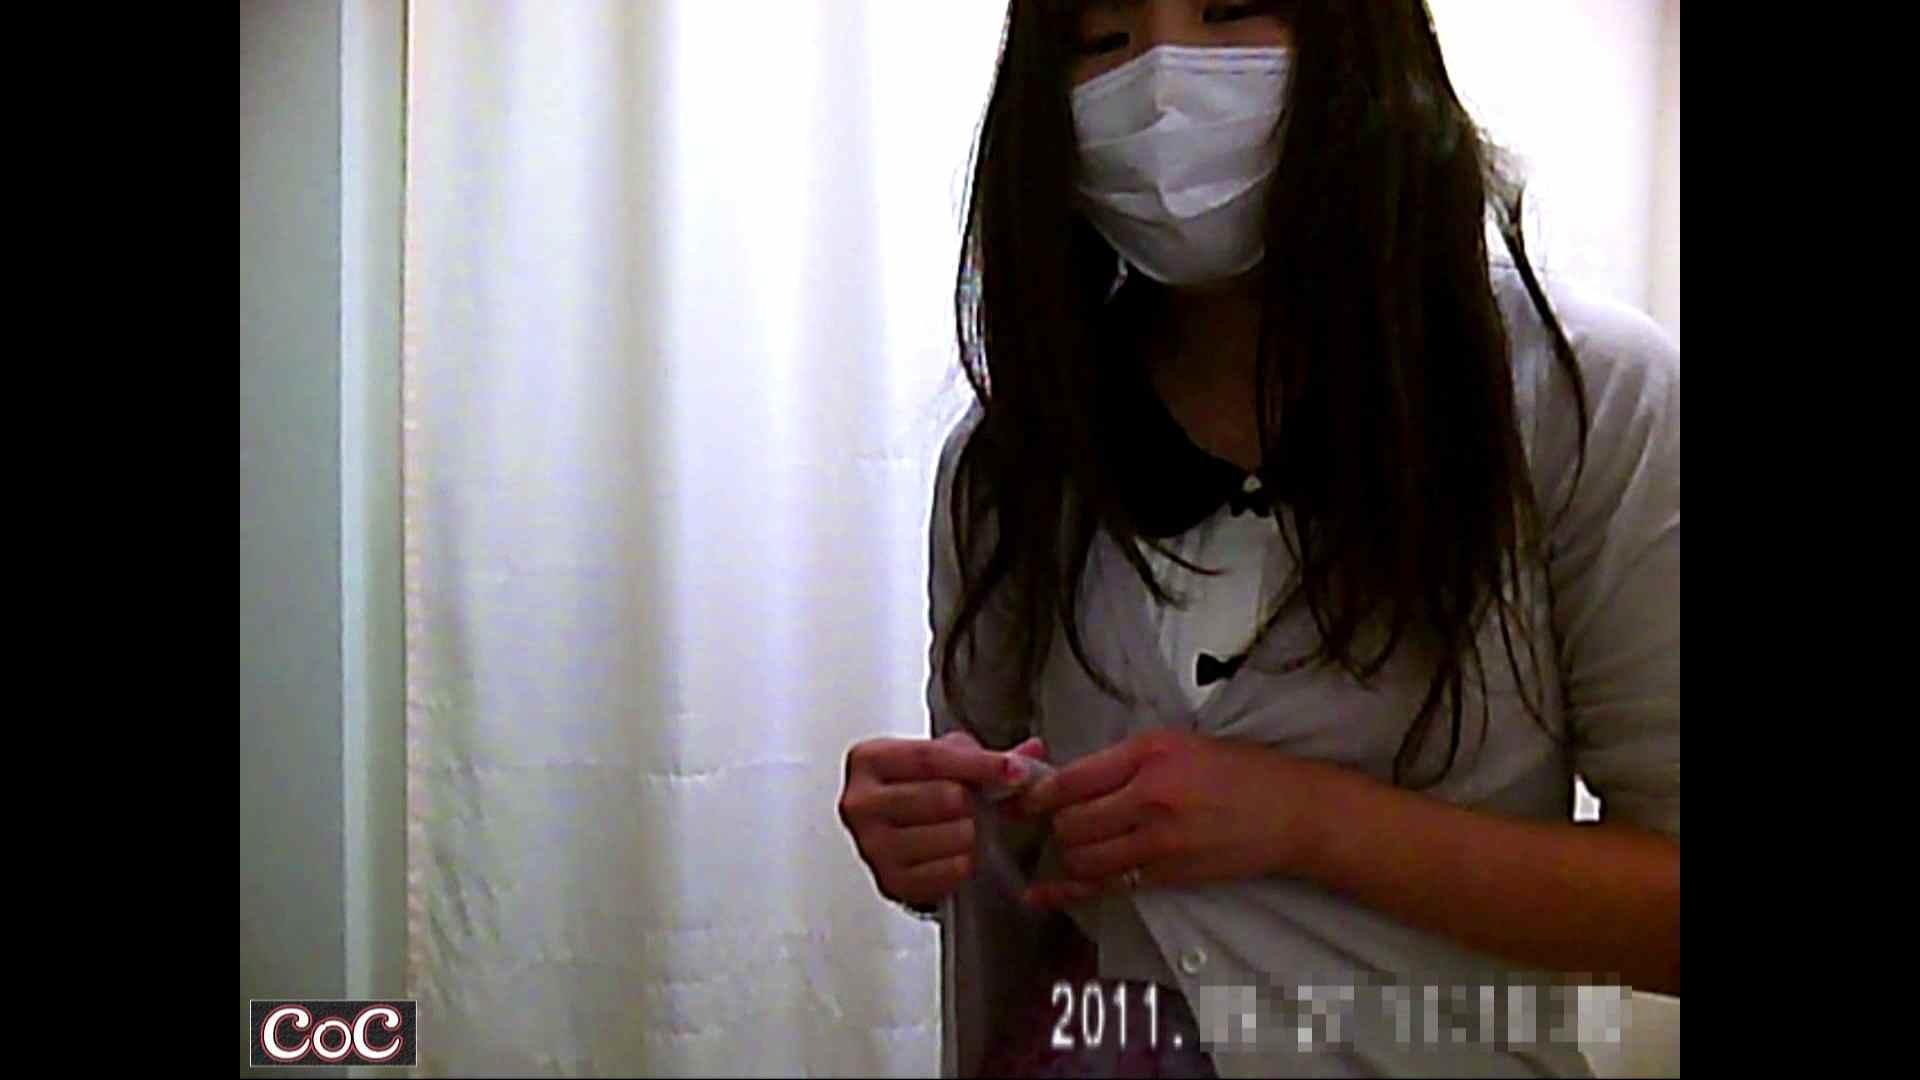 元医者による反抗 更衣室地獄絵巻 vol.258 OL  58pic 38